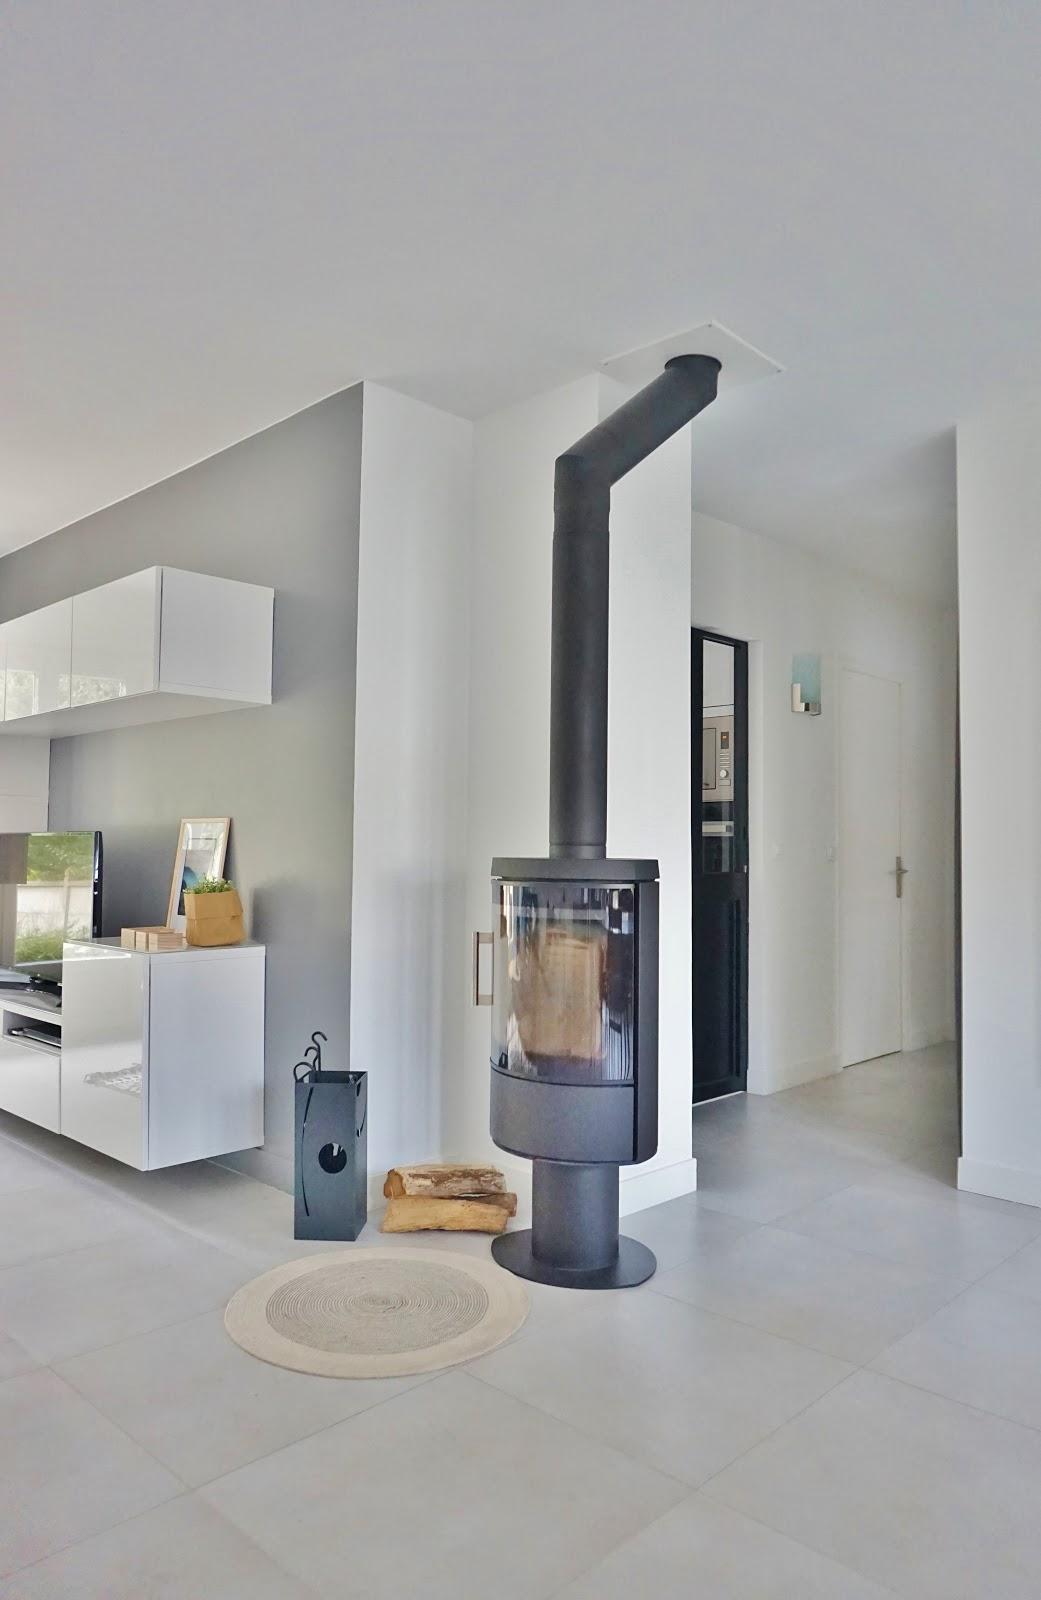 Adc l 39 atelier d 39 c t am nagement int rieur design d - Amenagement cheminee condamnee ...